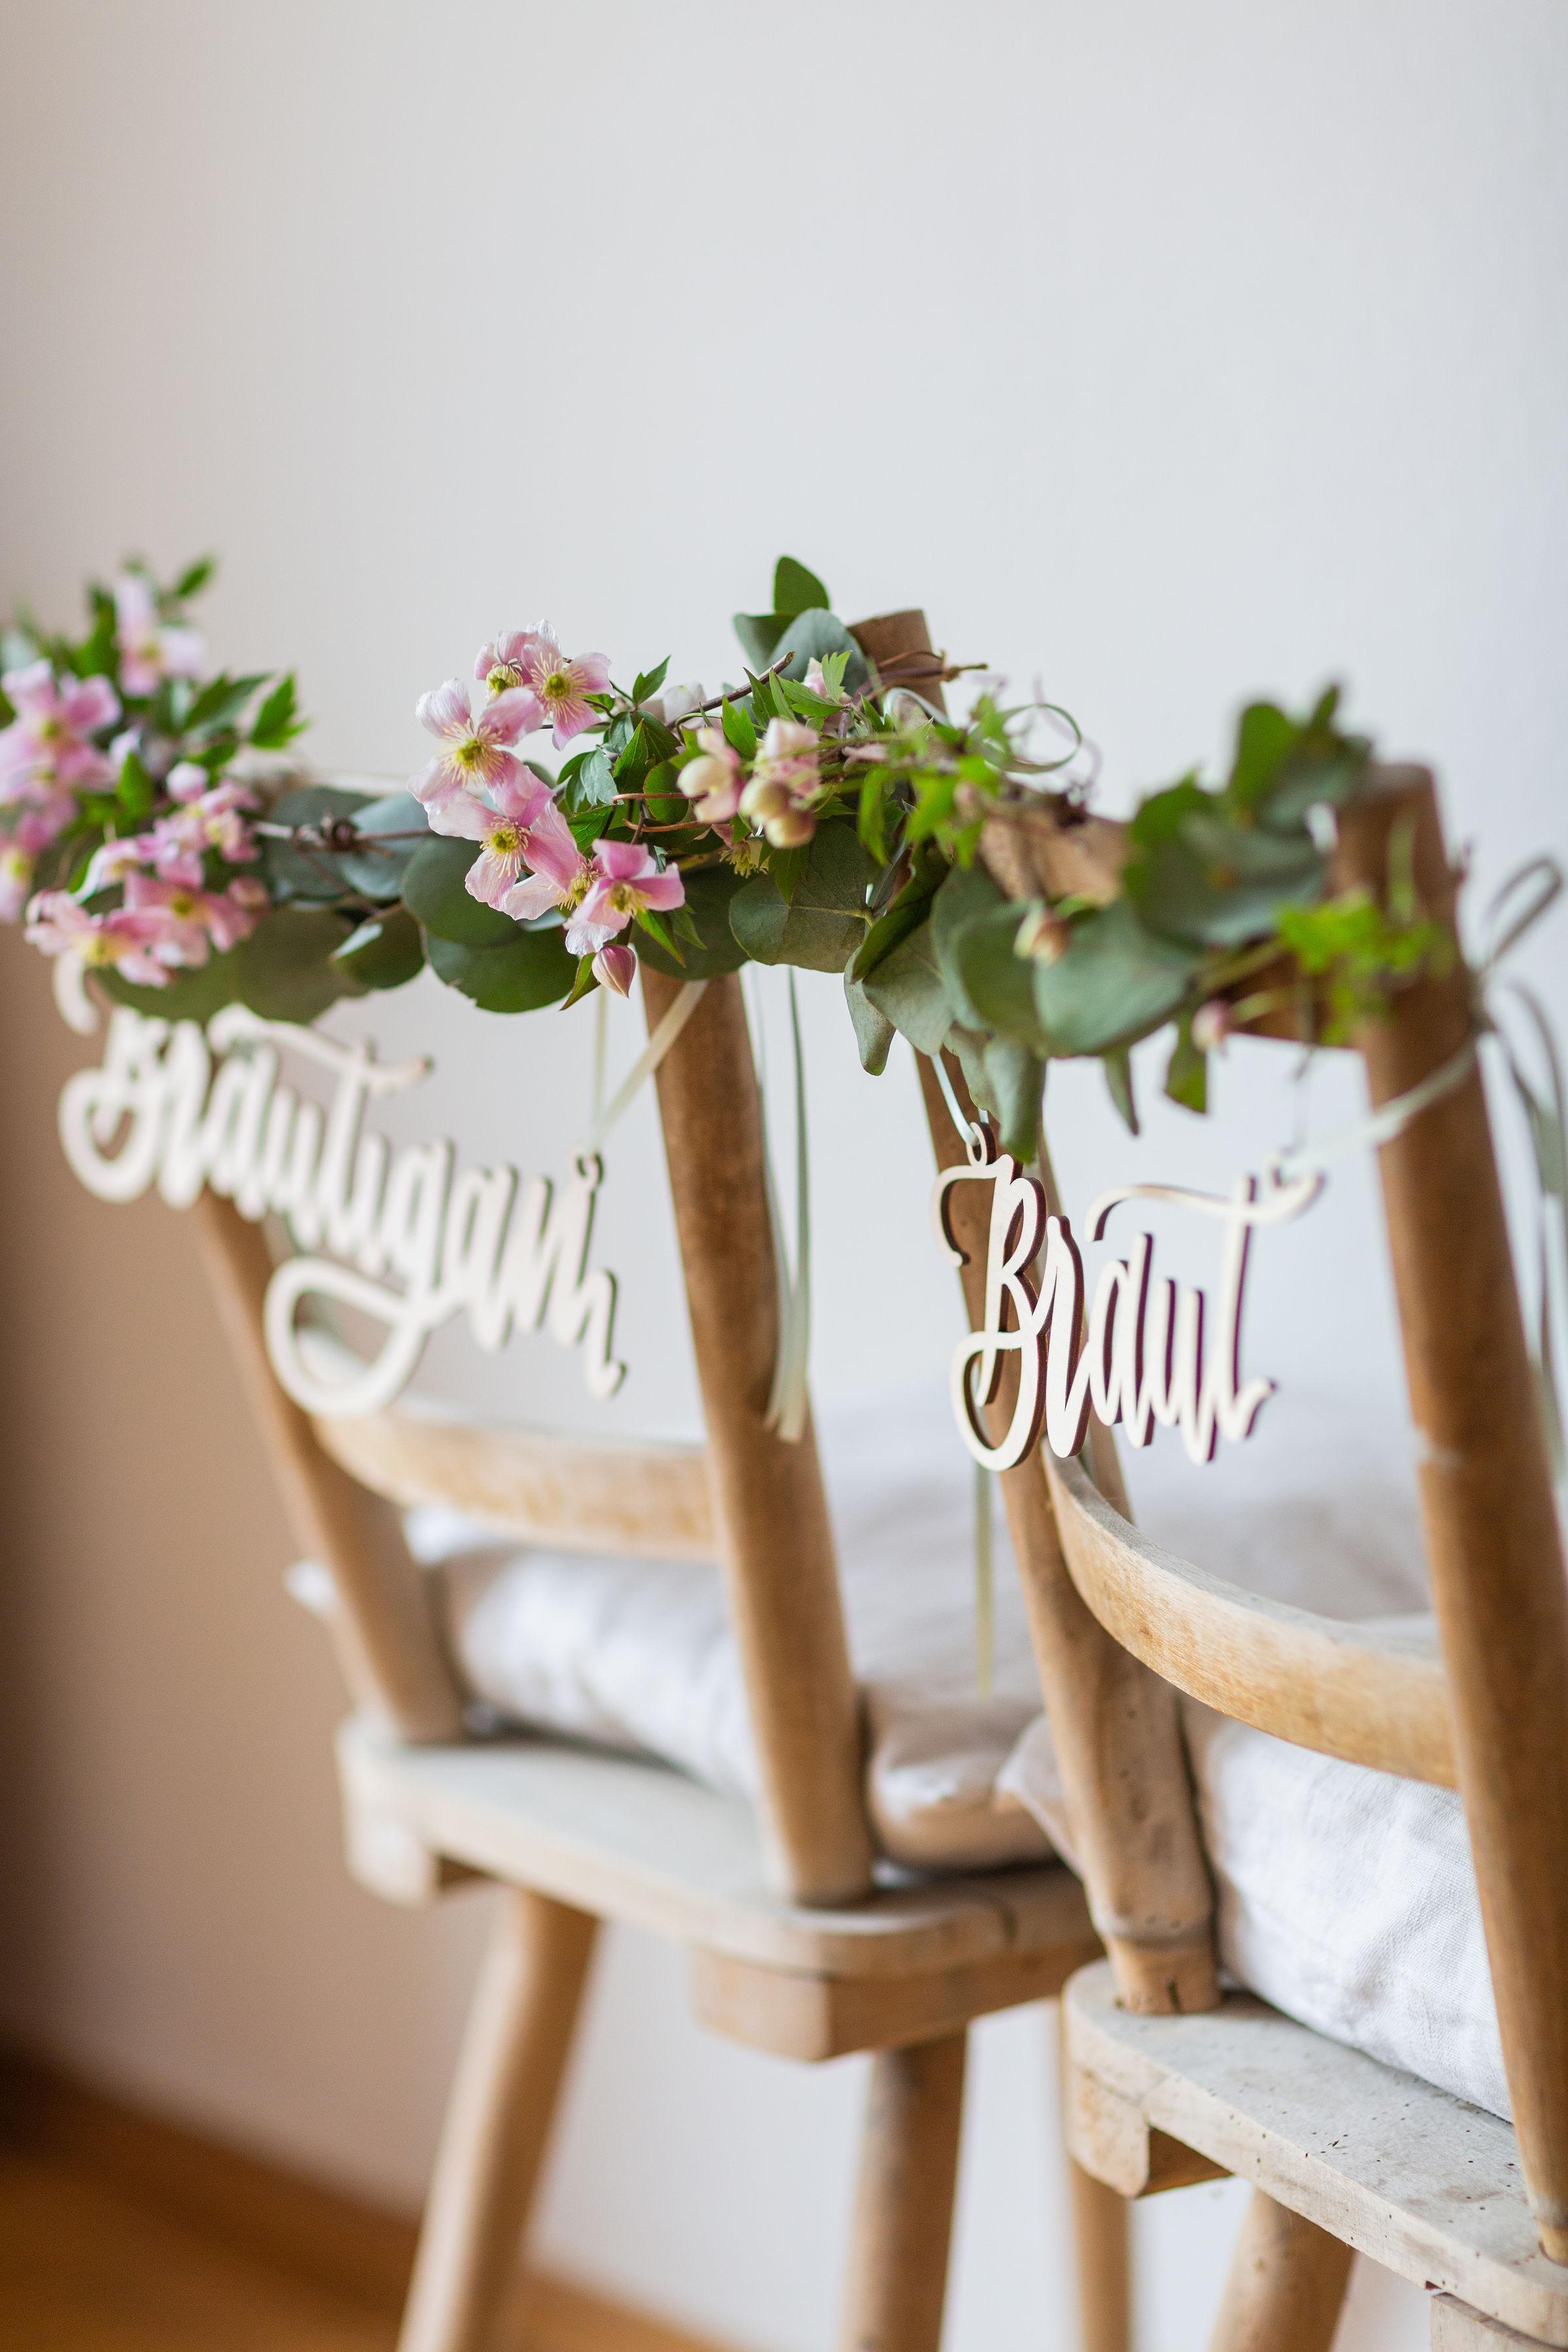 Braut Bräutigam wer sitzt wo,